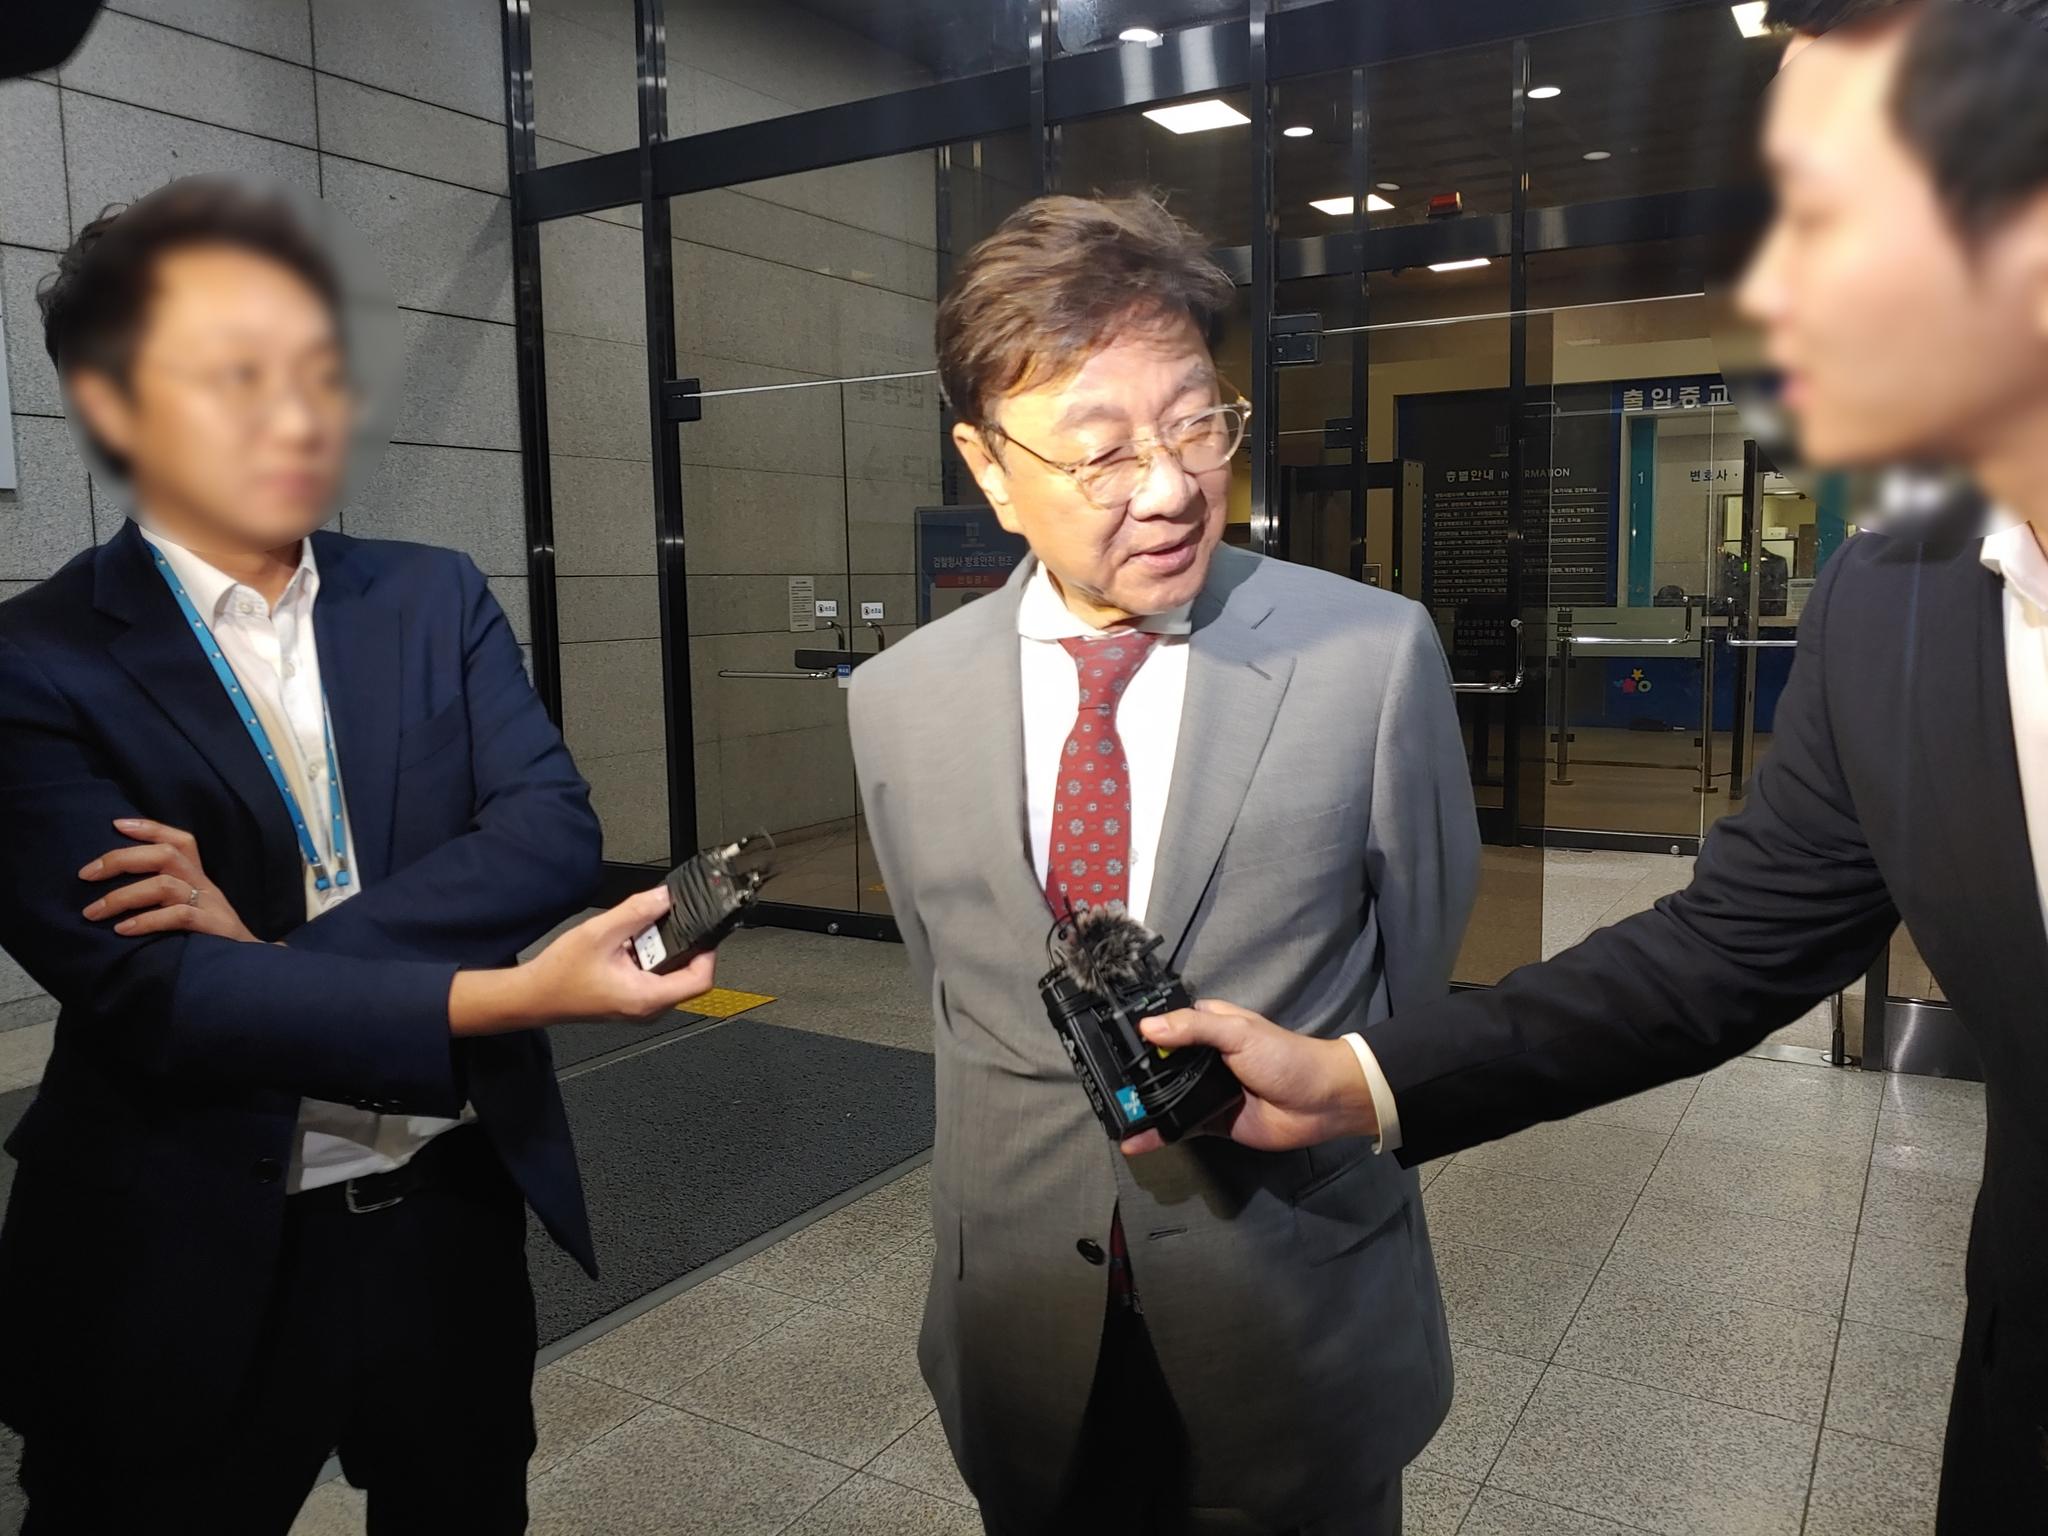 최성해 동양대 총장이 5일 오전 서울중앙지검에서 참고인 조사를 마친 뒤 청사를 나오고 있다. 김민상 기자